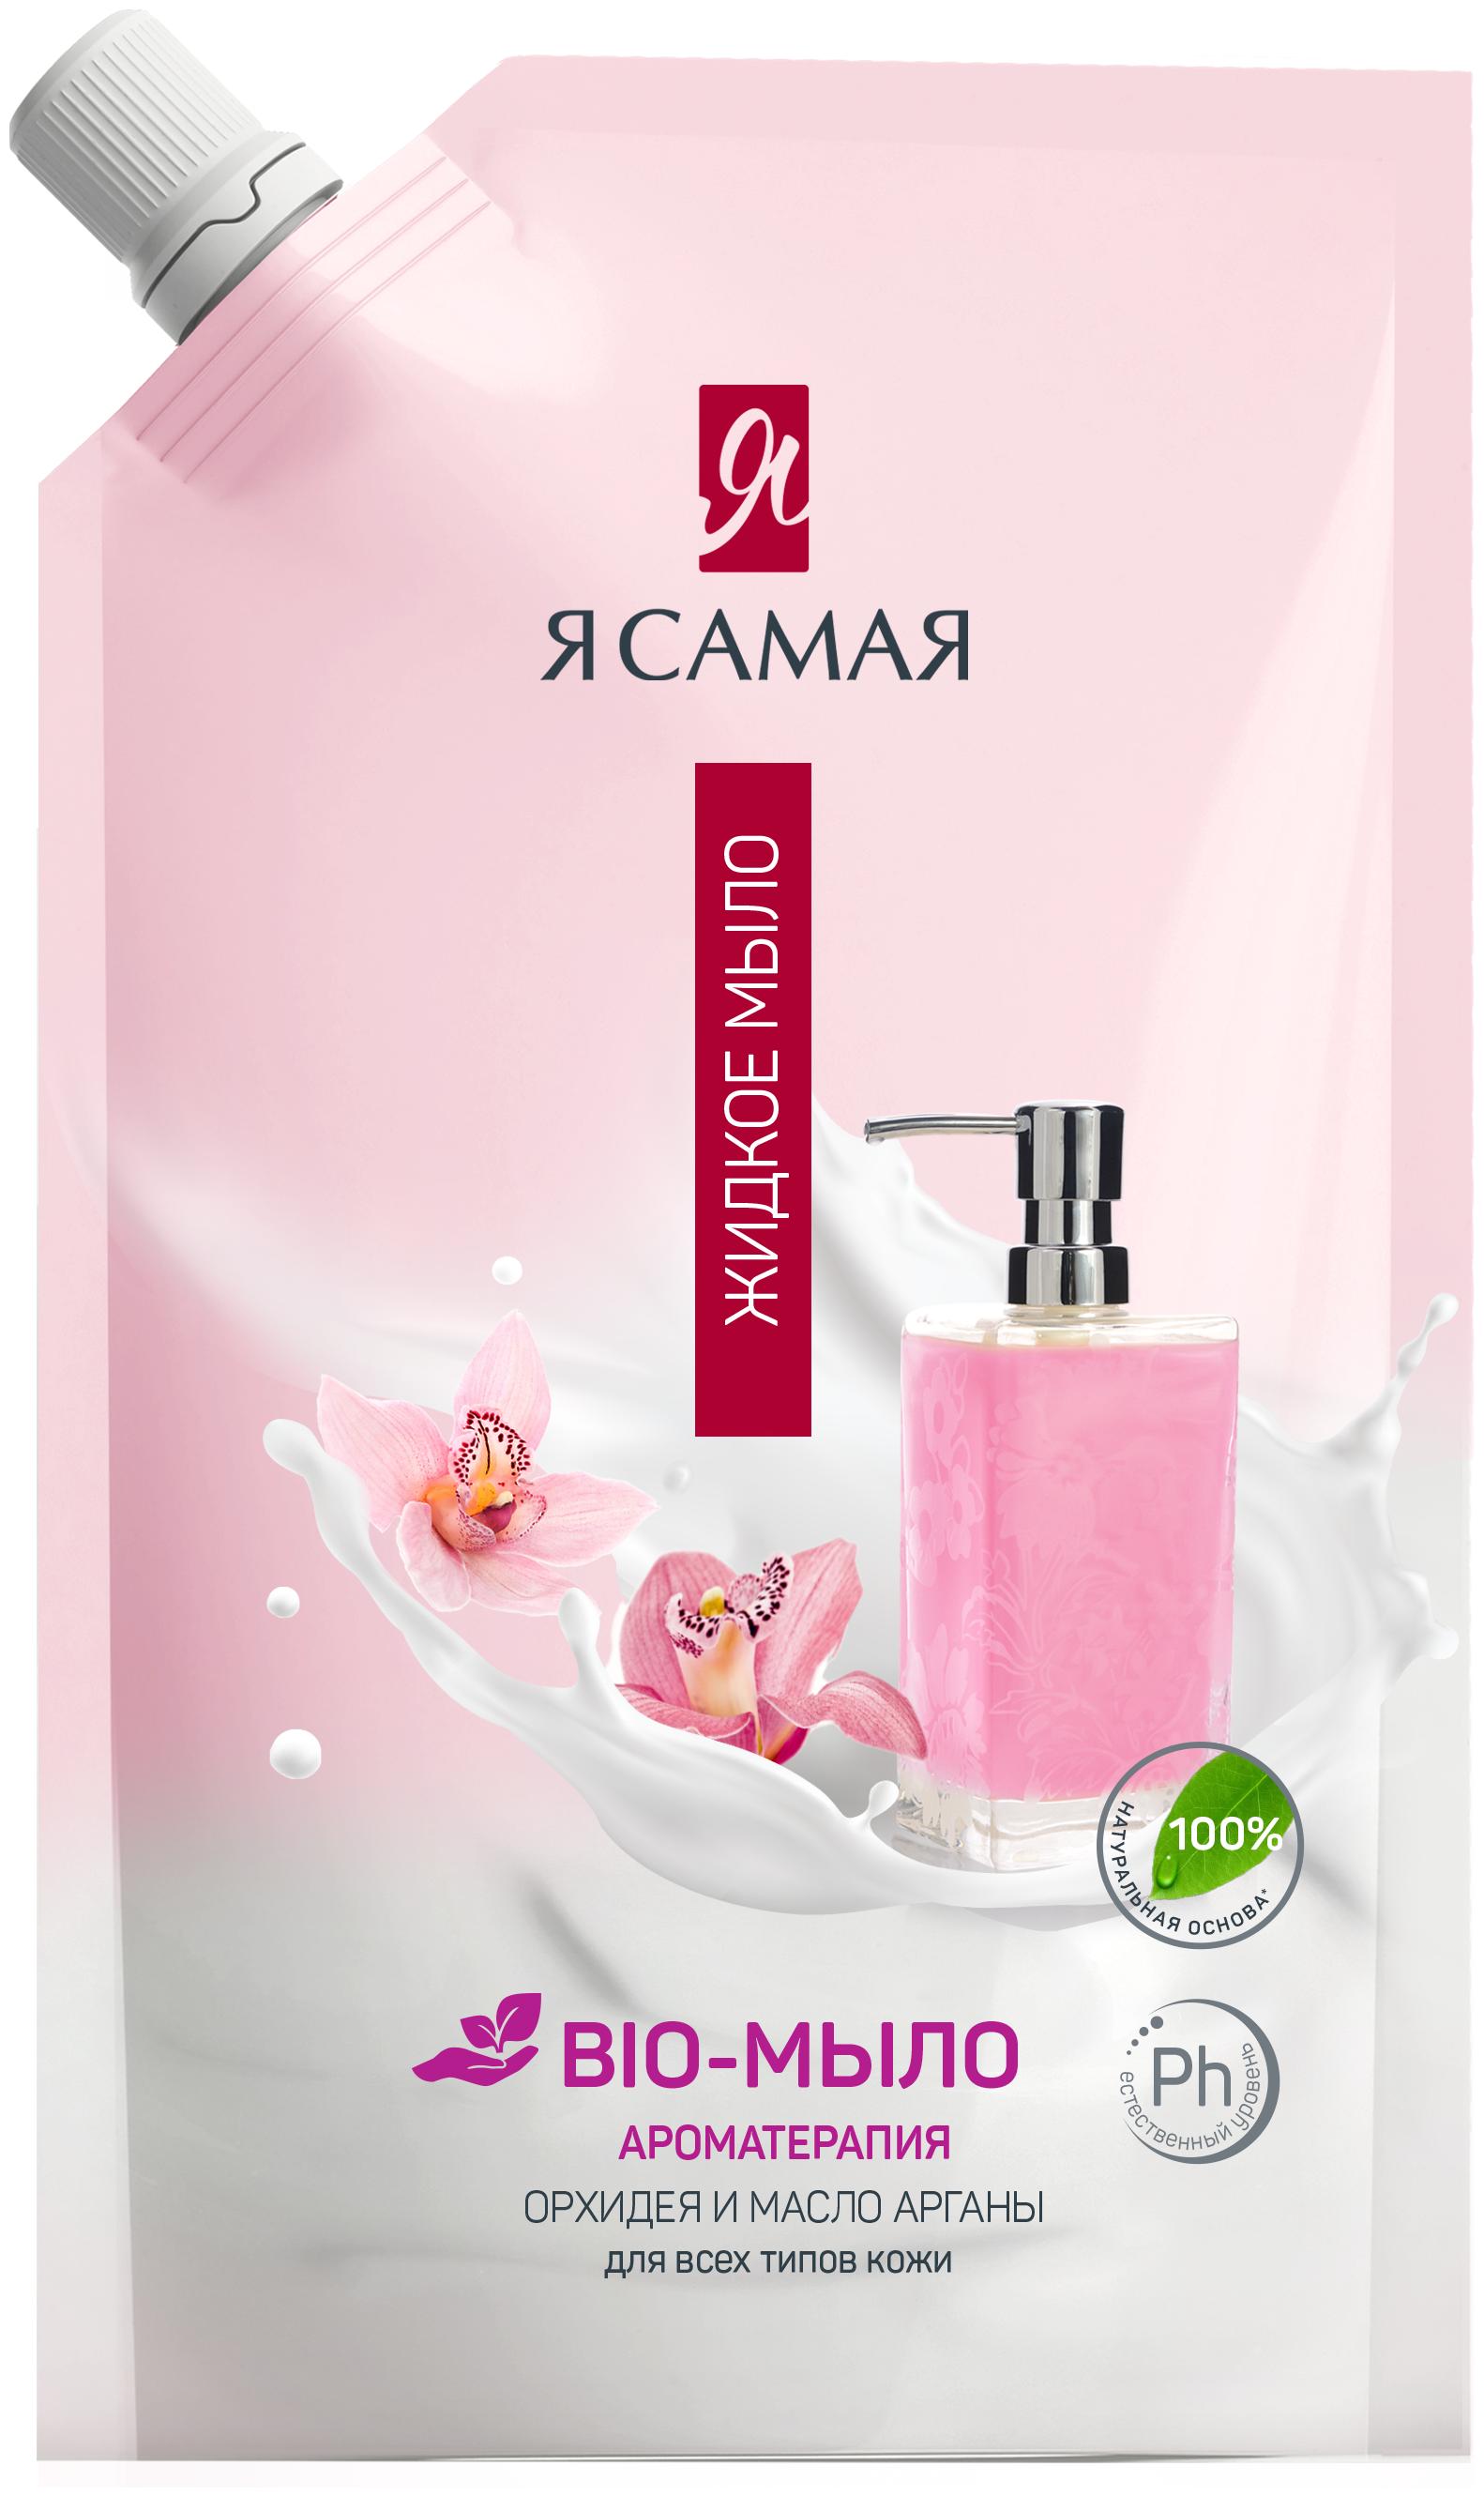 Мыло жидкое Я Самая Bio Масло арганы и орхидея — купить по выгодной цене на Яндекс.Маркете